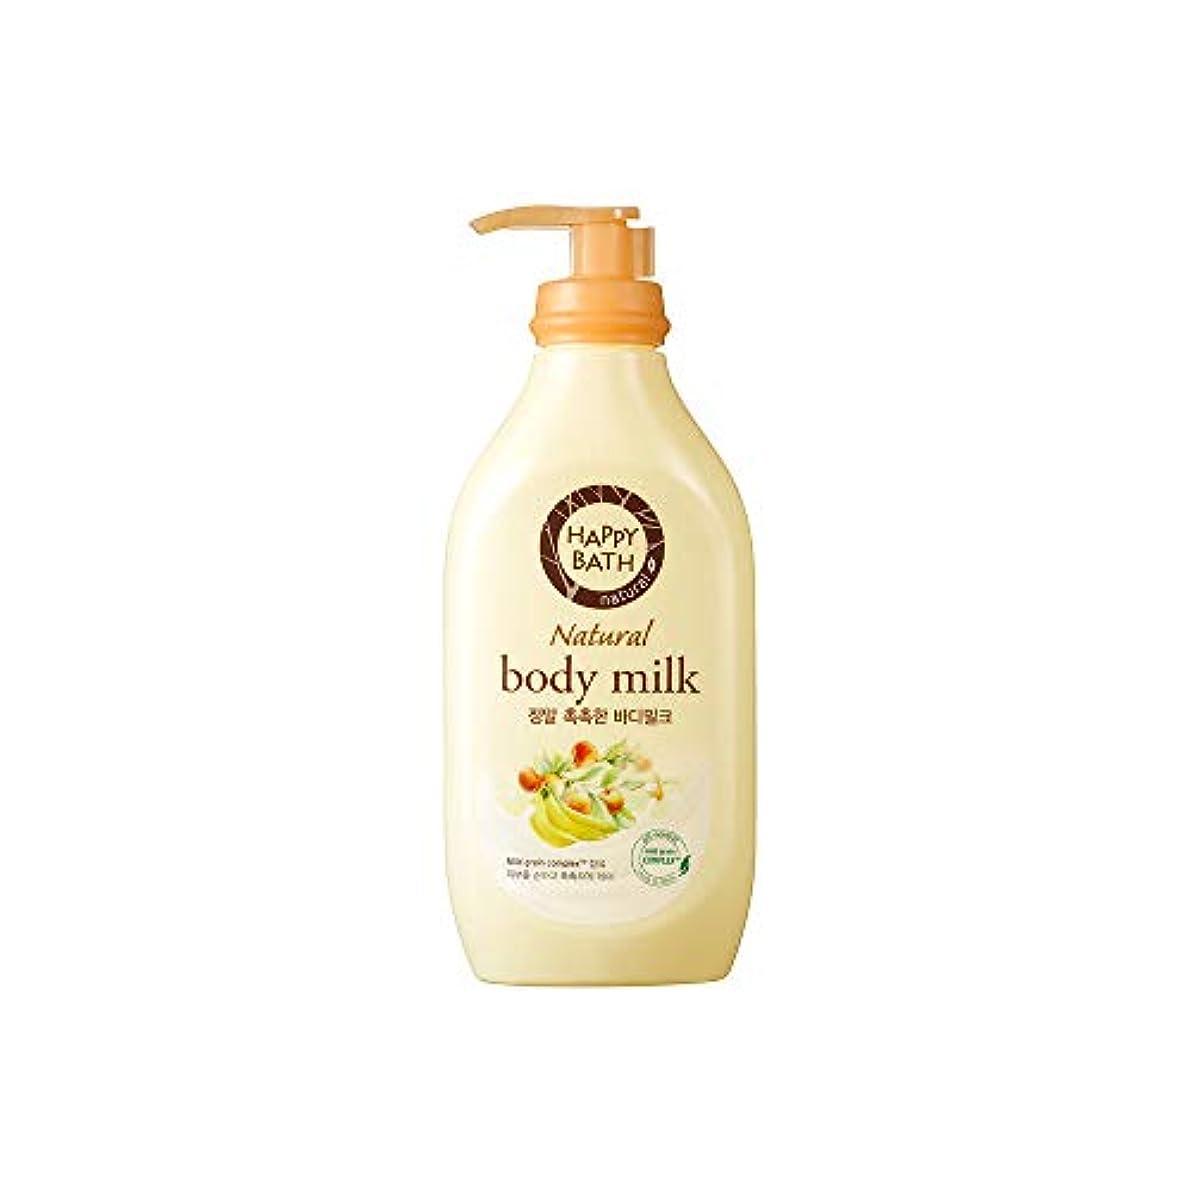 レース和らげるスリット[HAPPY BATH] ハッピーバス ナチュラルボディミルク しっとりタイプ ボディローション 450ml (moisture body milk 450ml)